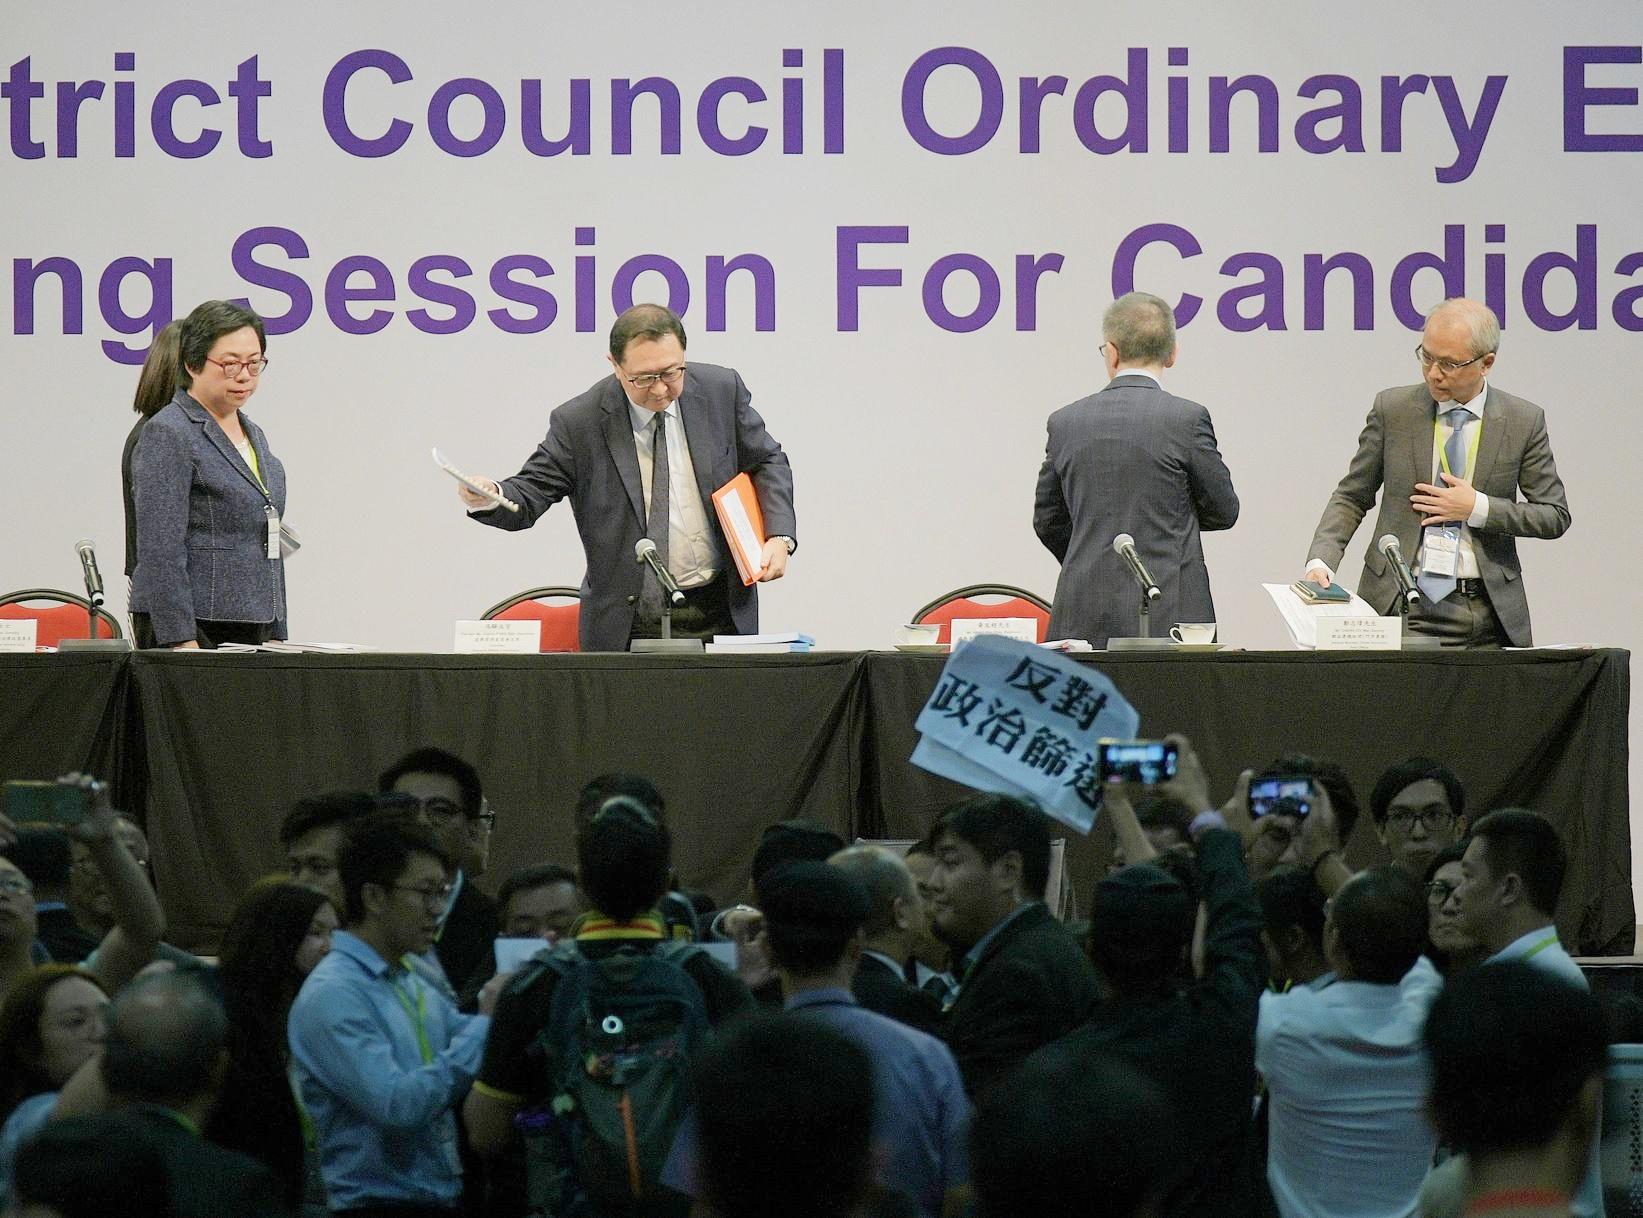 【区会选举】指无参与民政事务专员署任安排 选管会吁惜良好选举文化